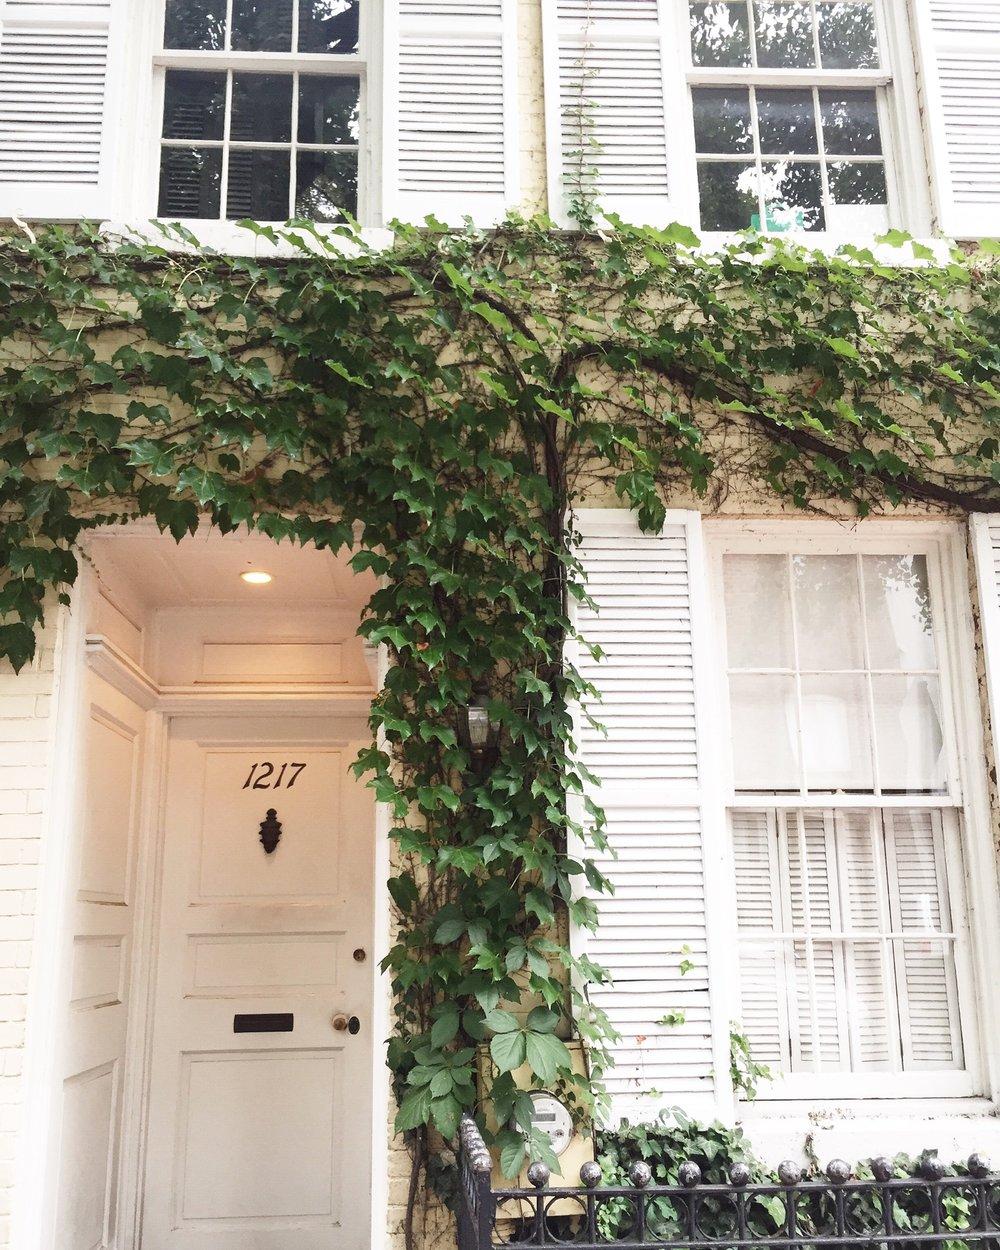 Georgetown, Washington D.C. / August '16